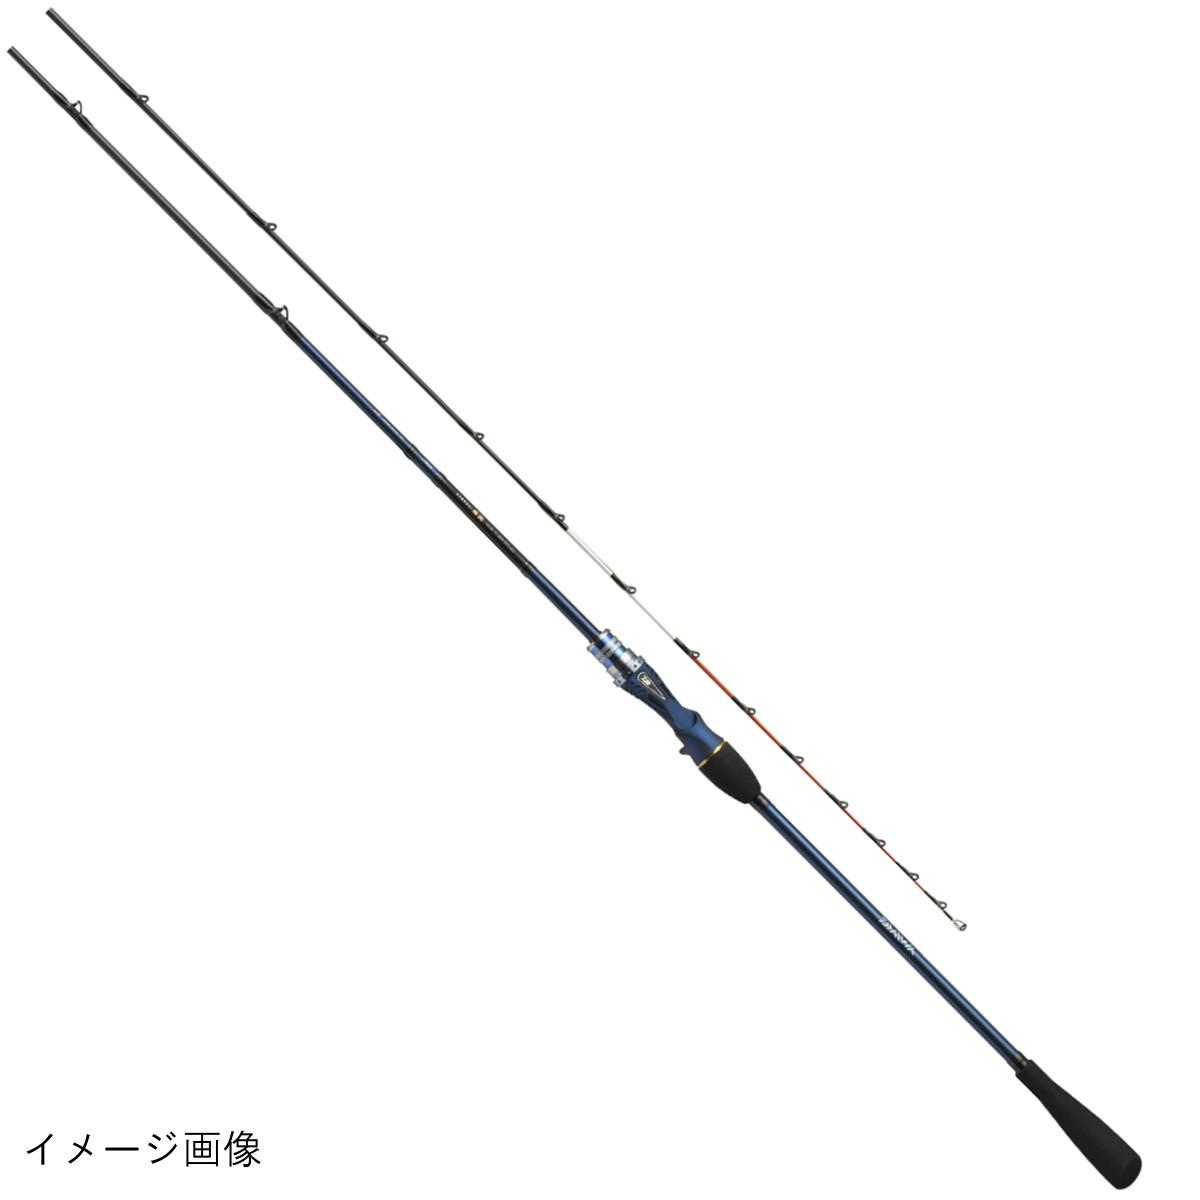 ダイワ 極鋭ゲーム 73 MH-193 AGS【大型商品】